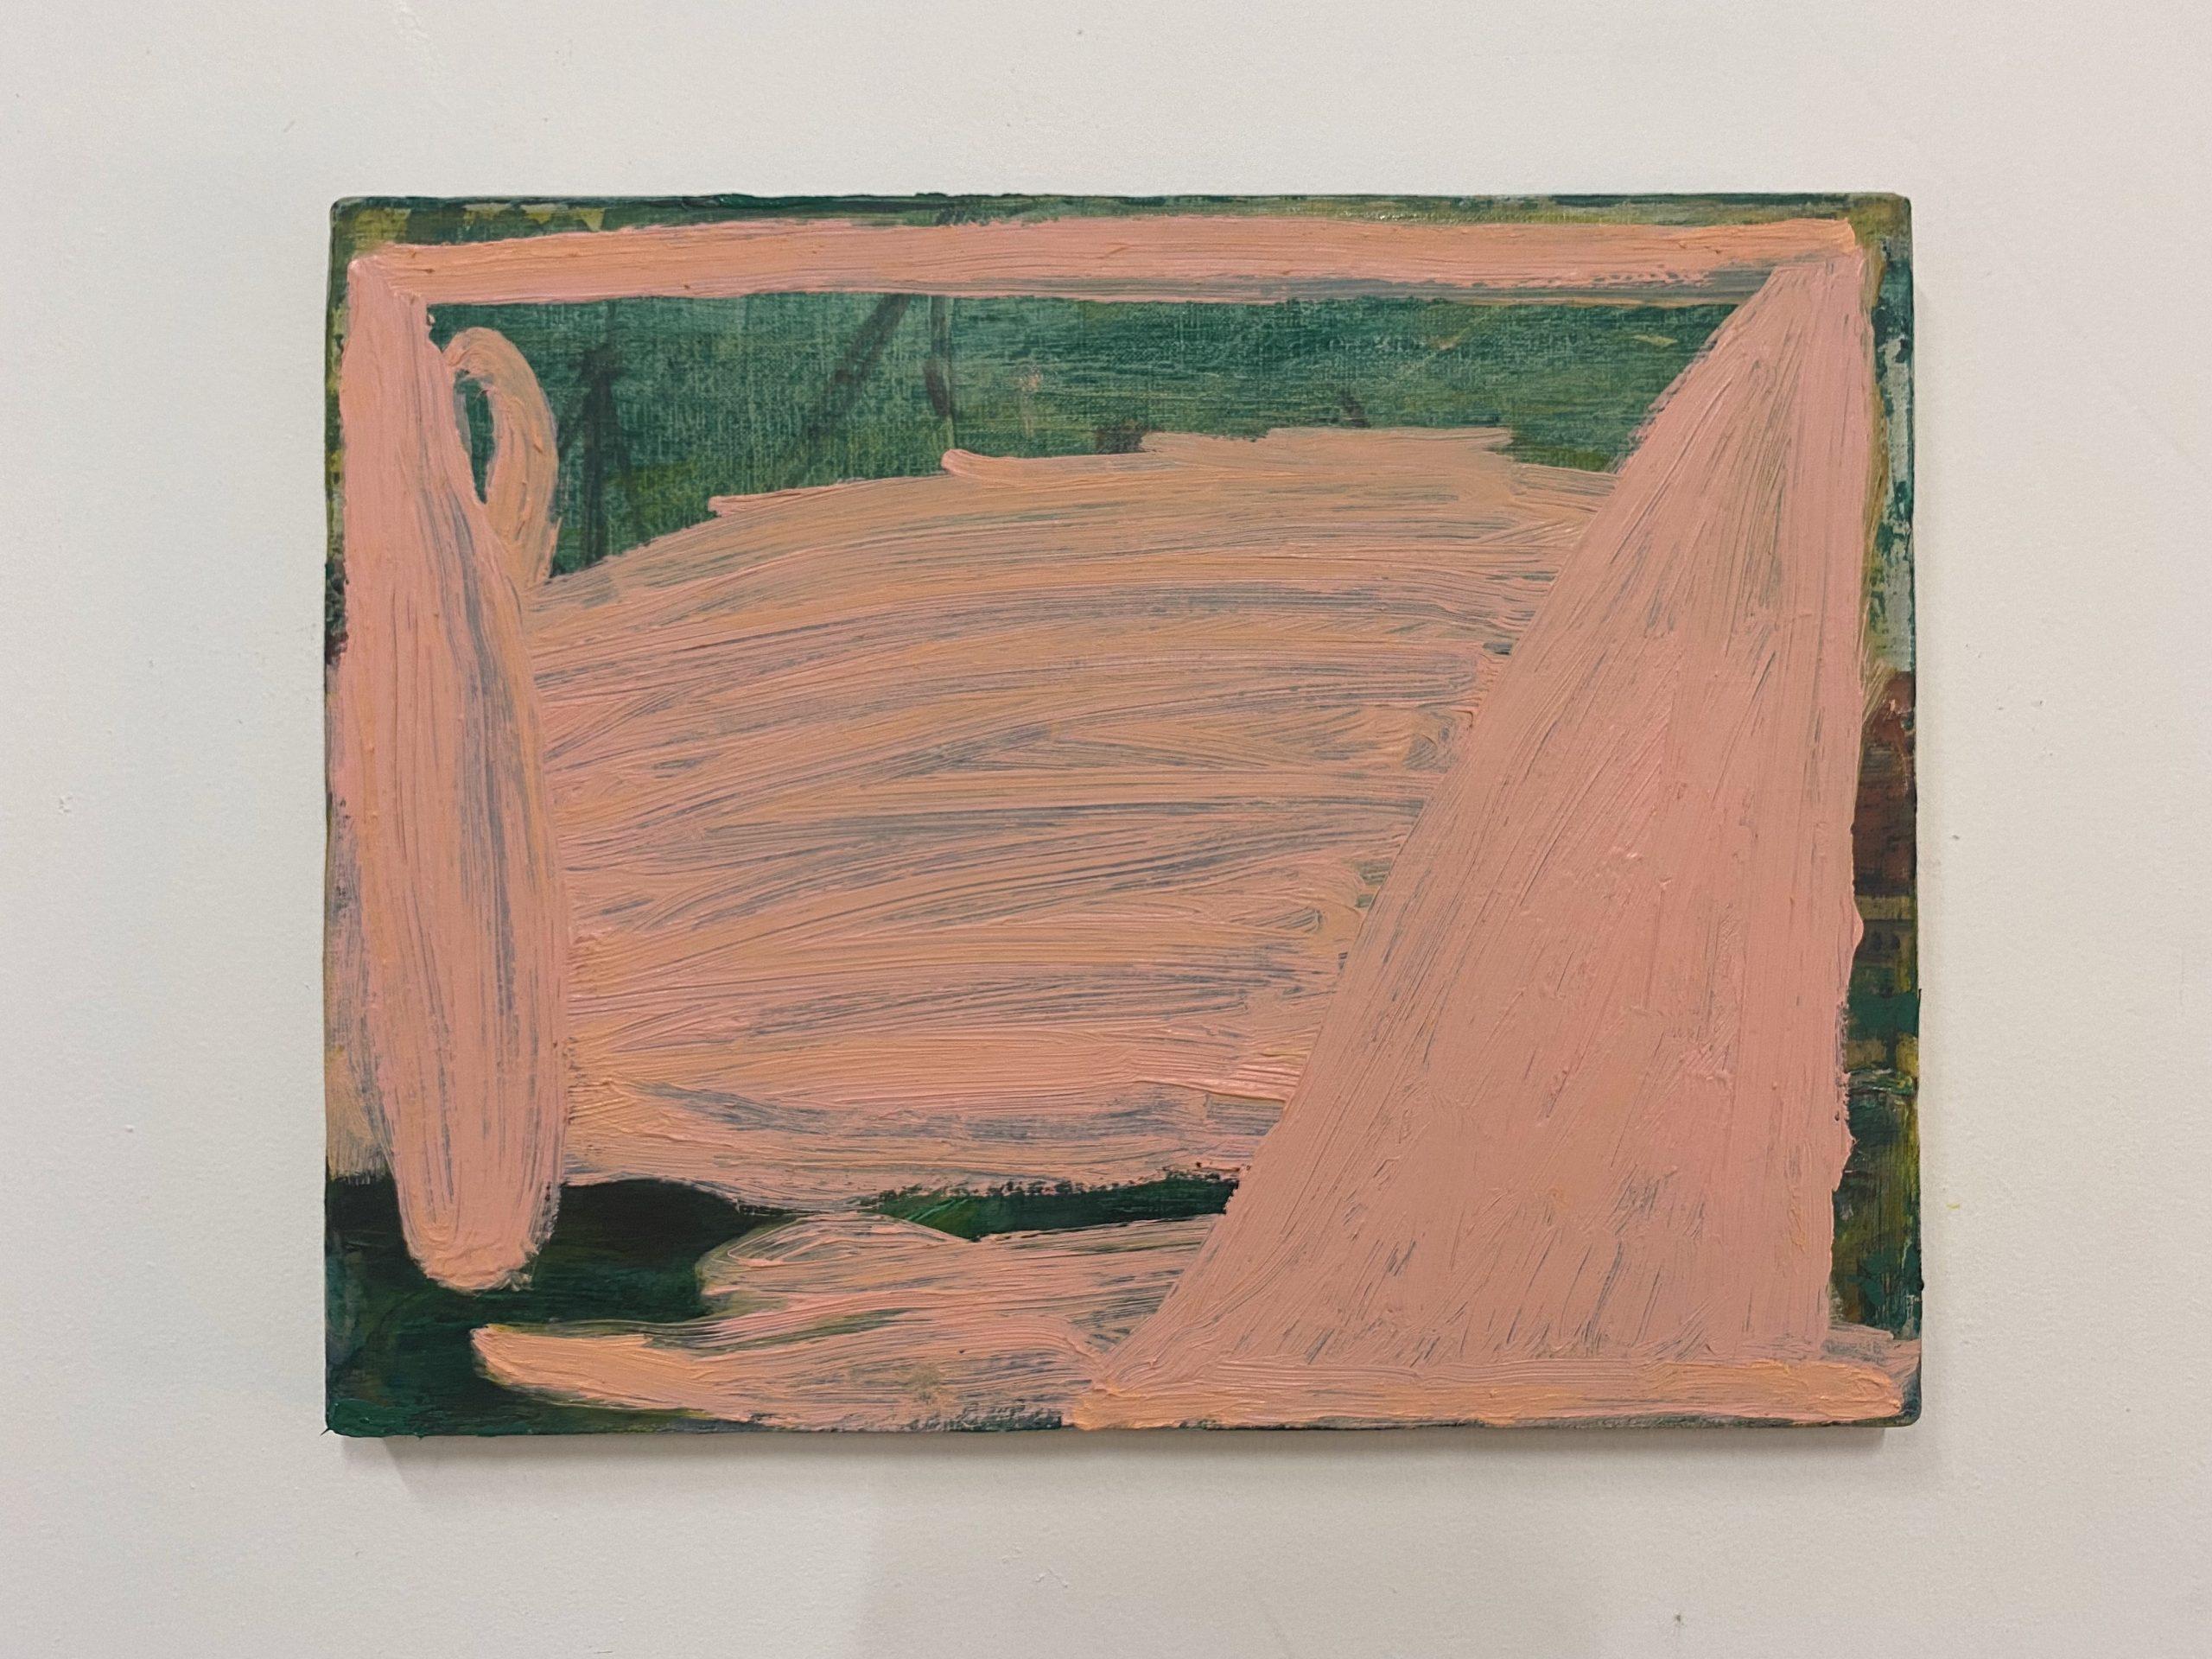 杉戸洋《Untitled》 2021年 oil on canvas 320×410㎜